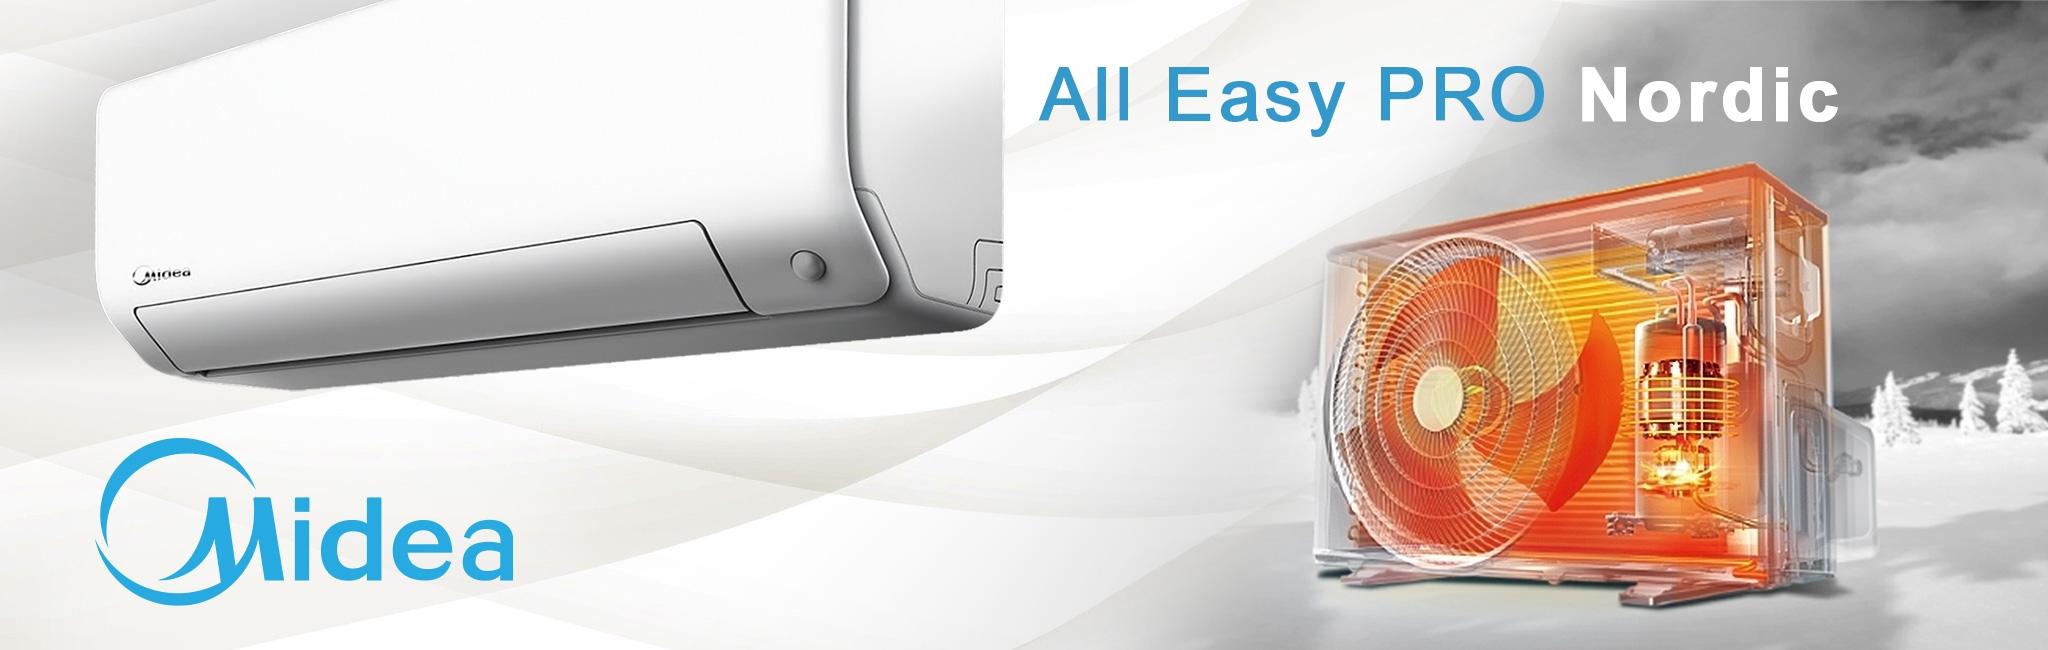 Изберете инверторни климатици All Easy Pro Nordic за климатизация на вашия дом.